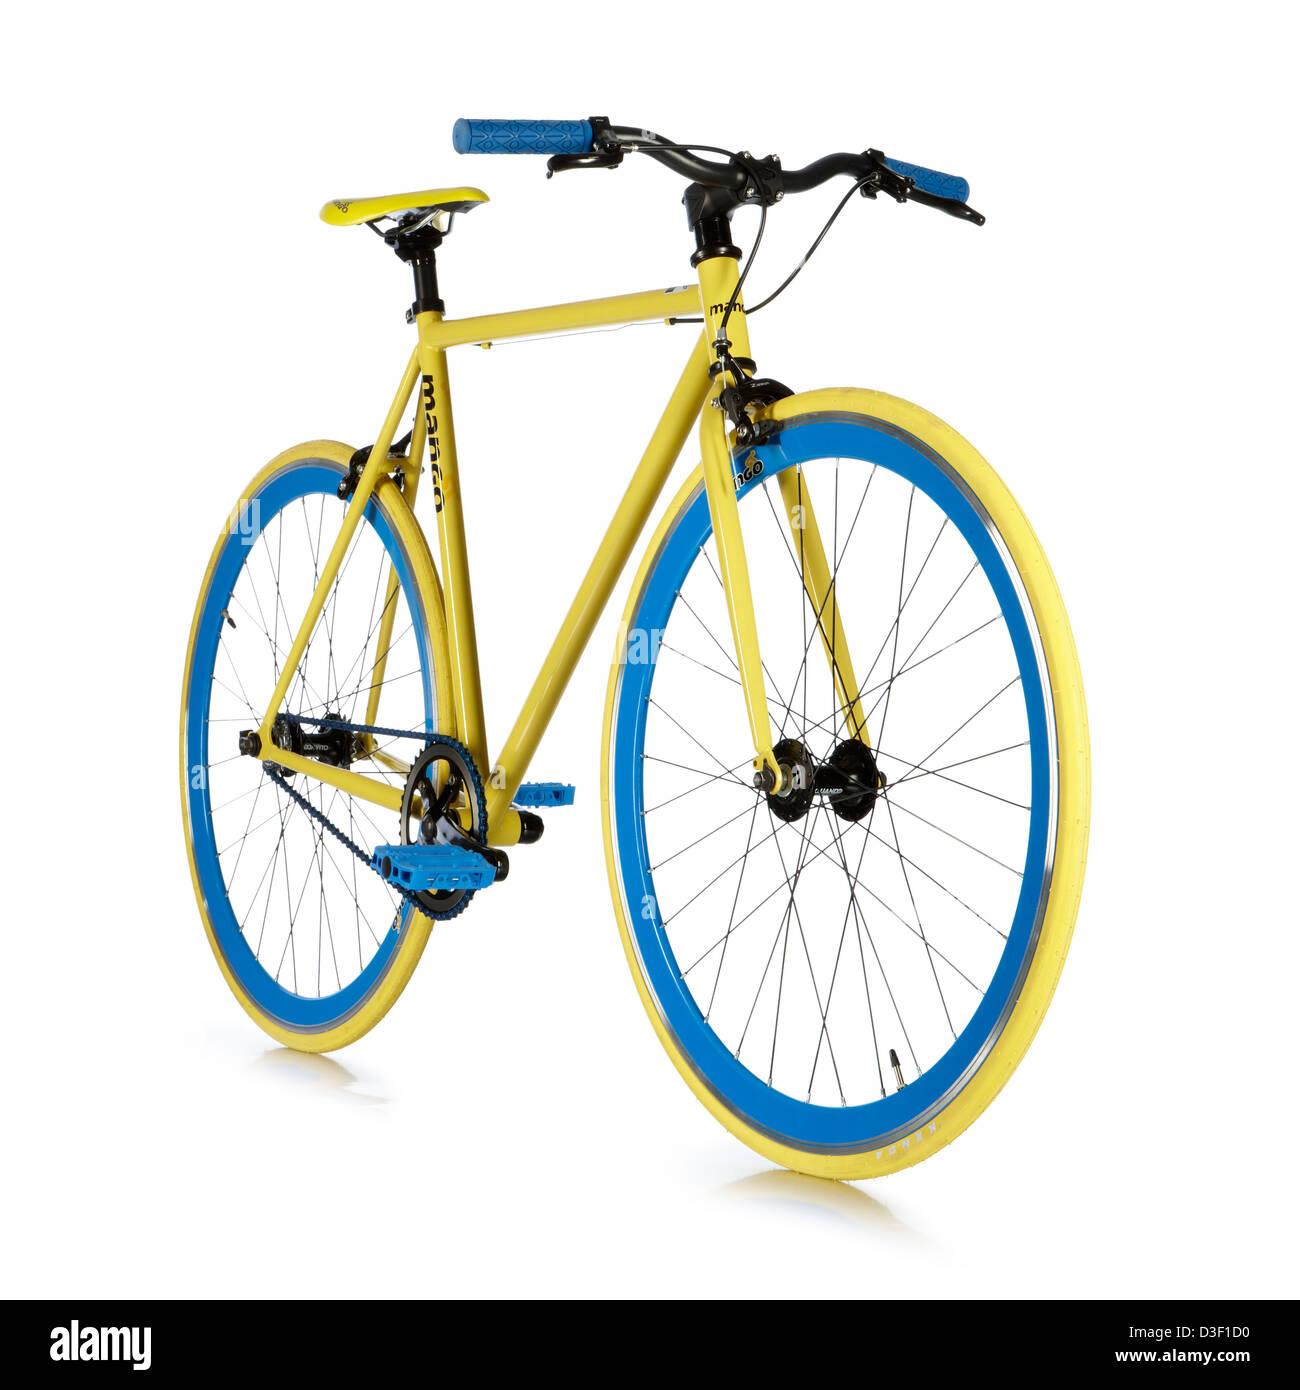 Bicicleta de una sola velocidad de generación personalizada azul amarillo Imagen De Stock